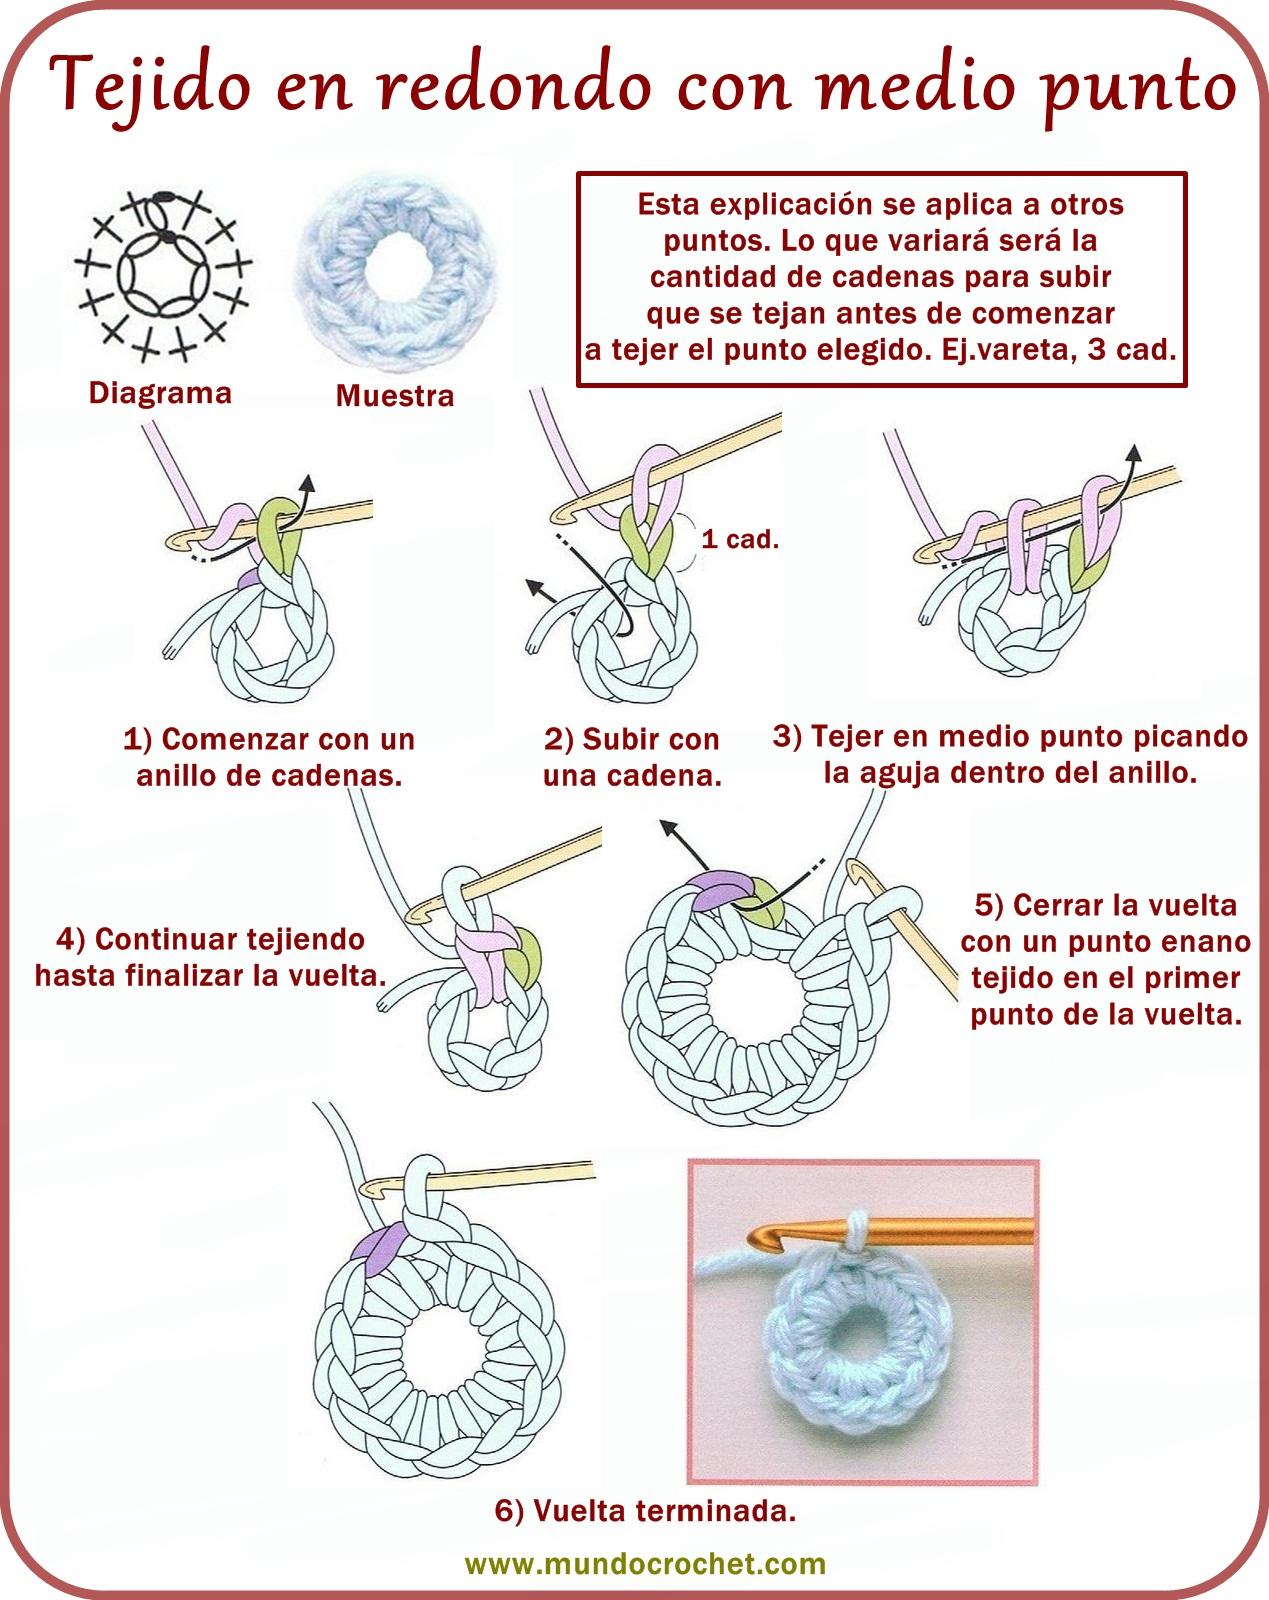 Patrones crochet - Como empezar a hacer punto paso a paso ...